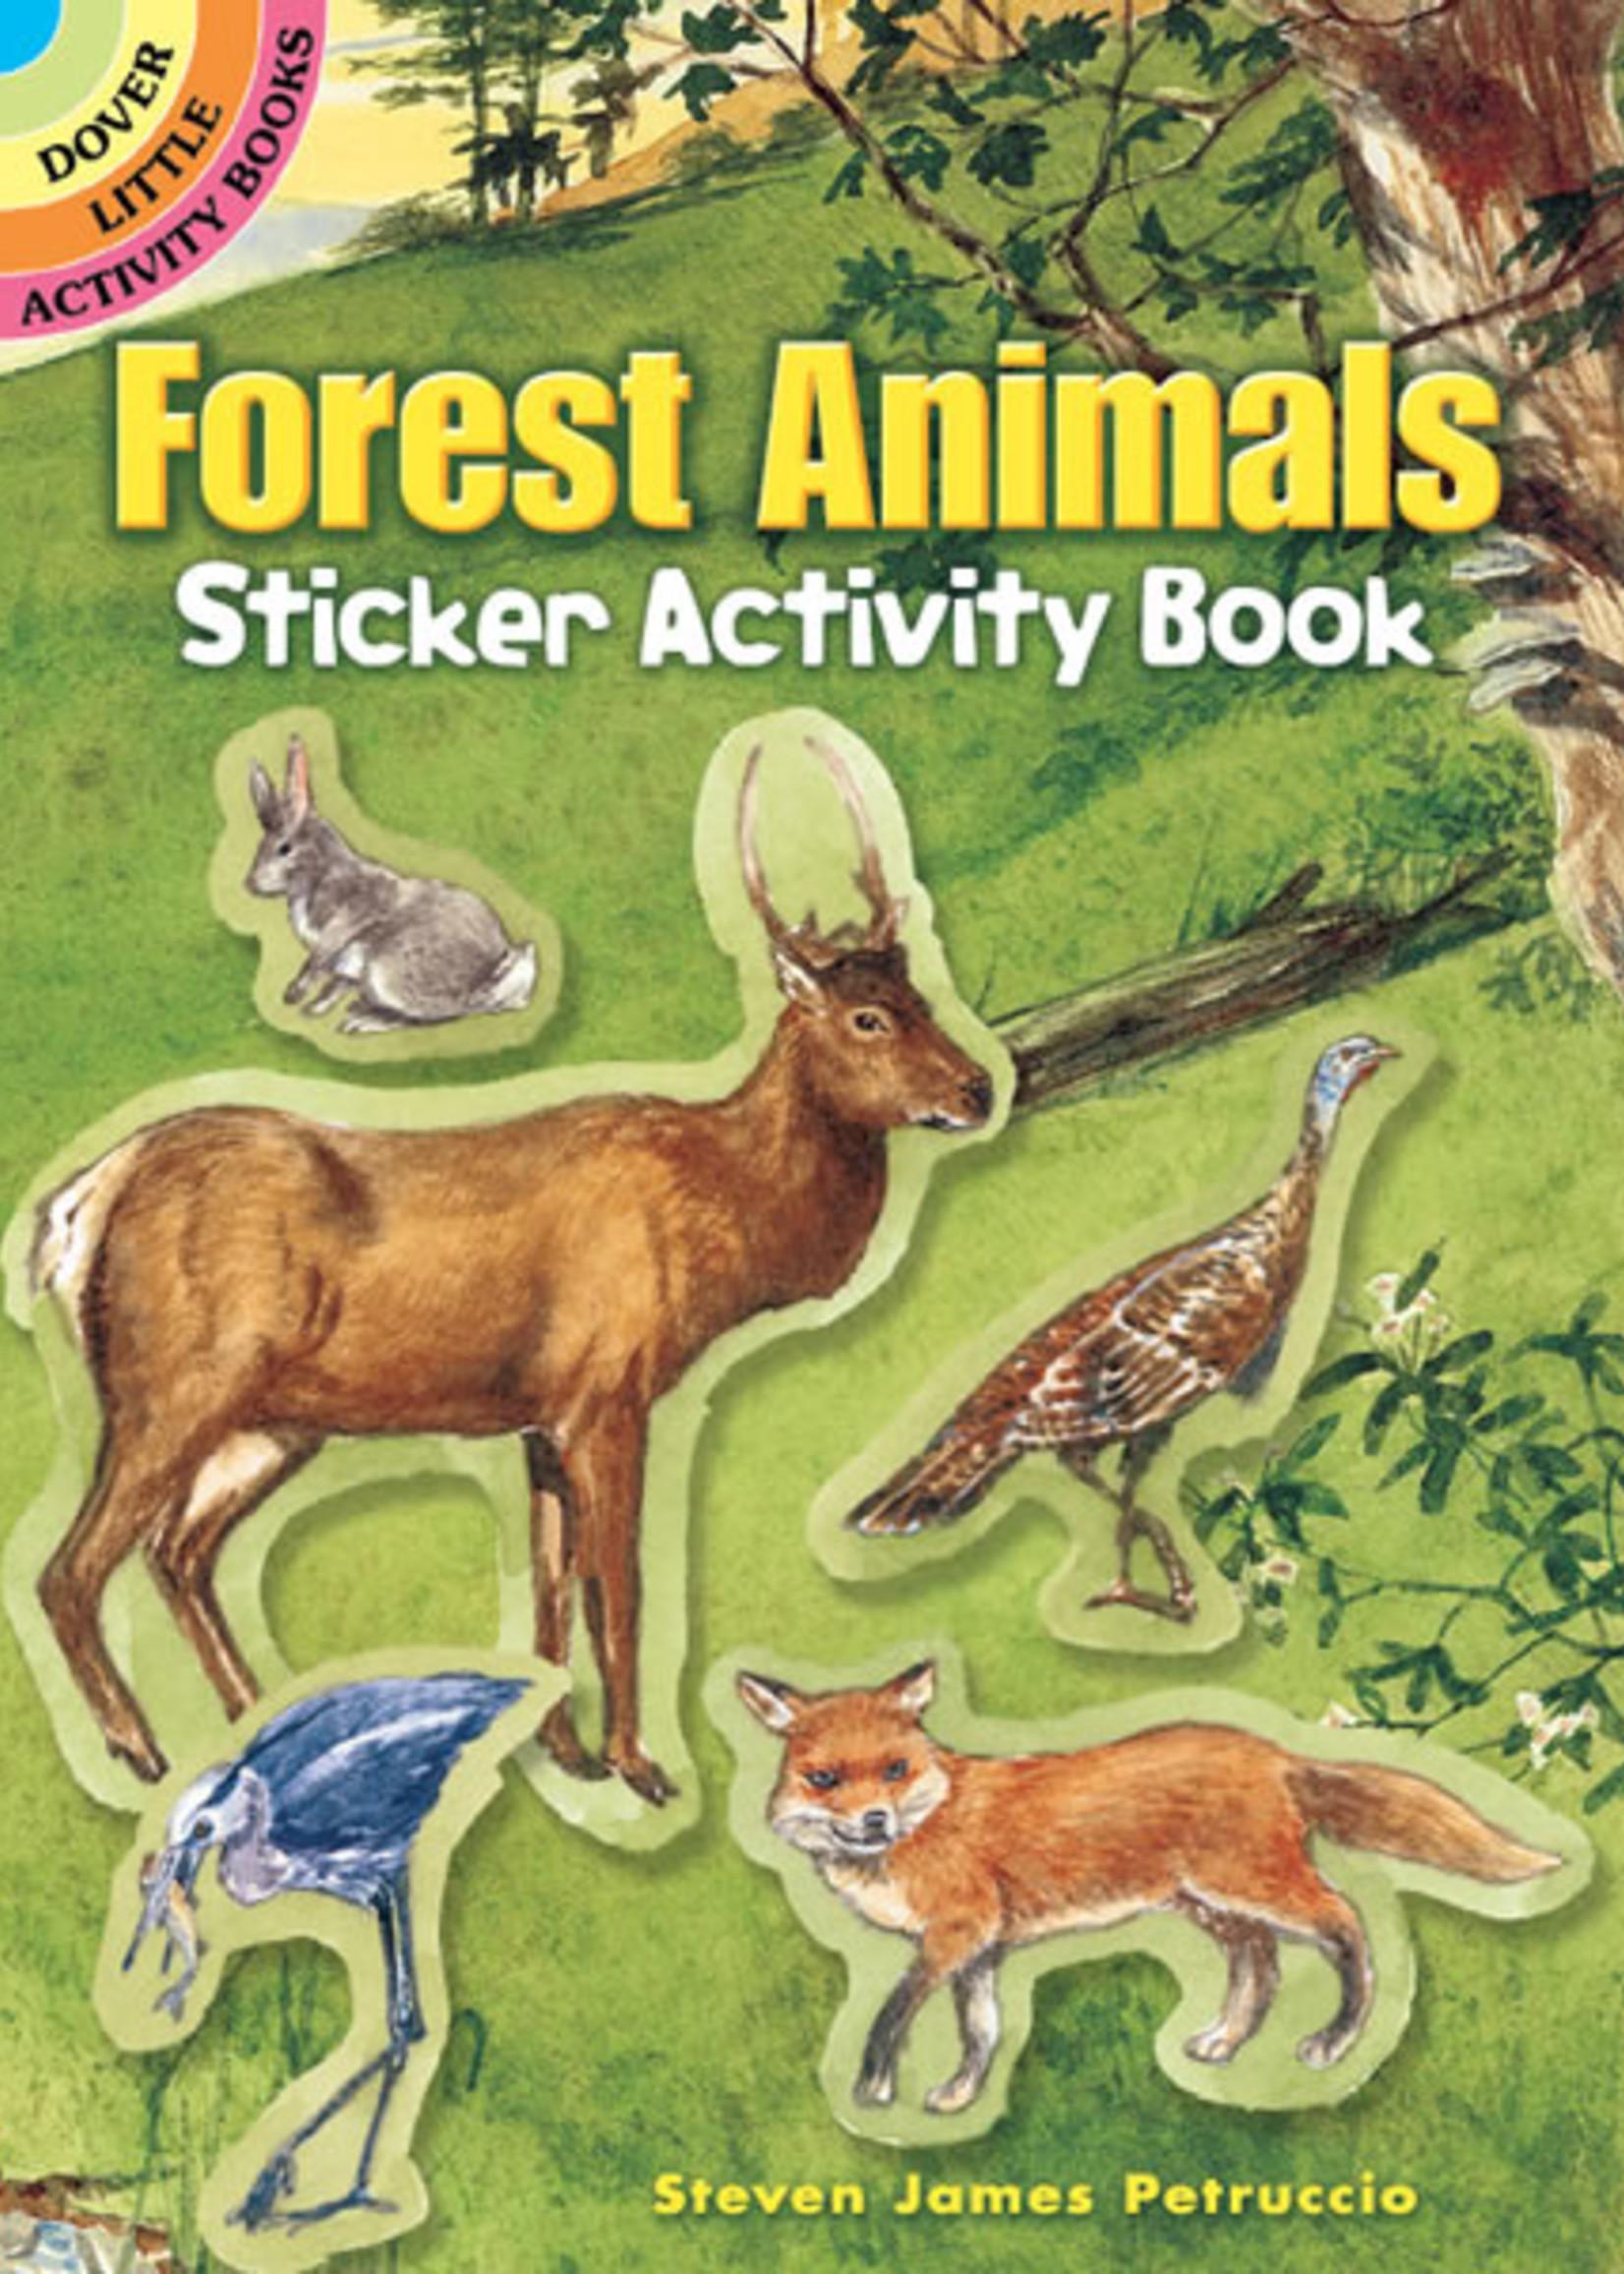 Forest Animals Sticker Activity Book